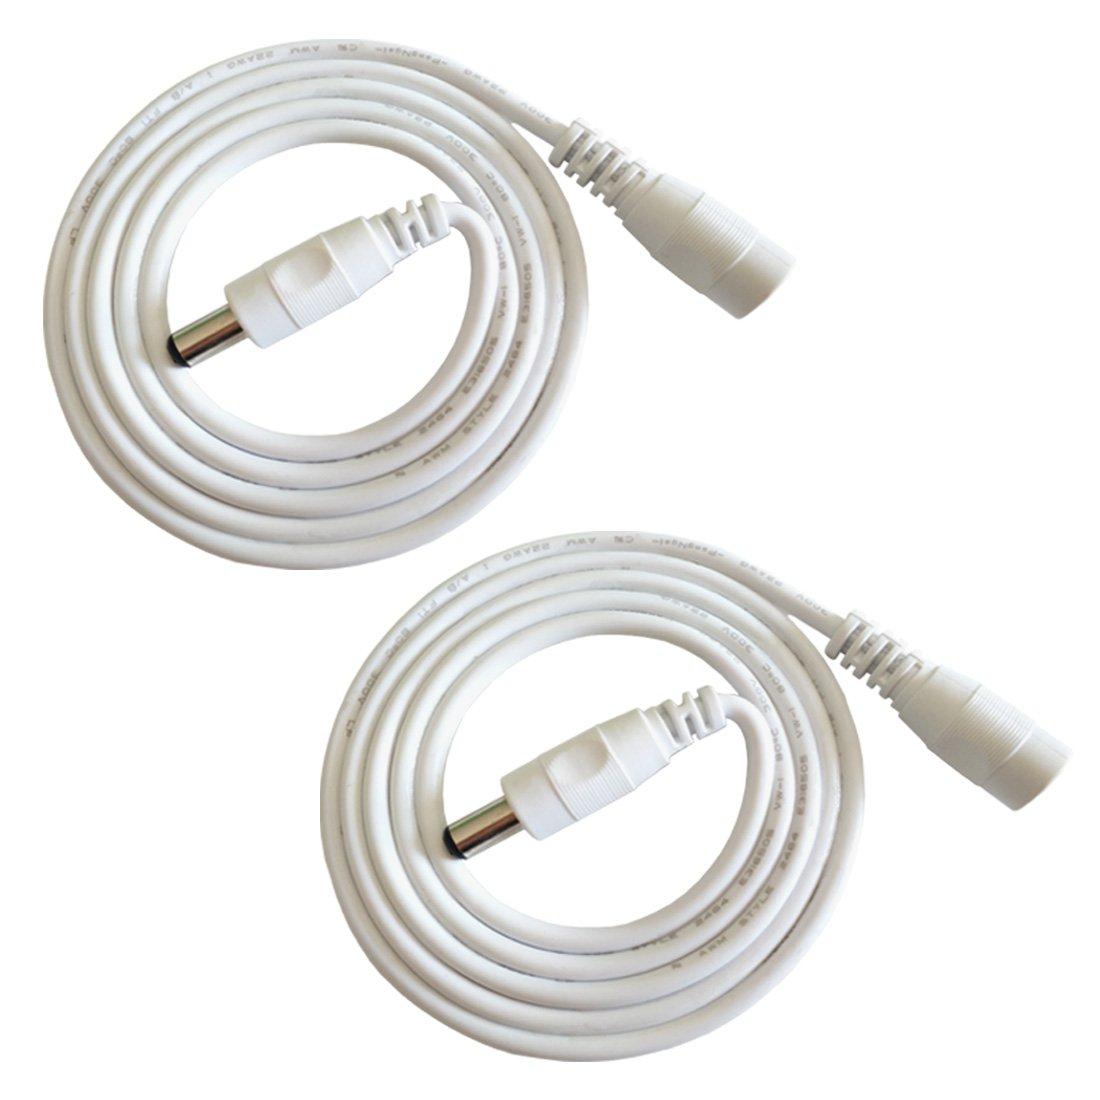 LED Coche Negro C/ámara CCTV Potencia Flexible Monitores y M/ás Liwinting 2 Piezas 10m Cable de Extensi/ón Plug DC 2,1 mm x 5,5 mm Macho a Hembra Conector para Adaptador de Corriente